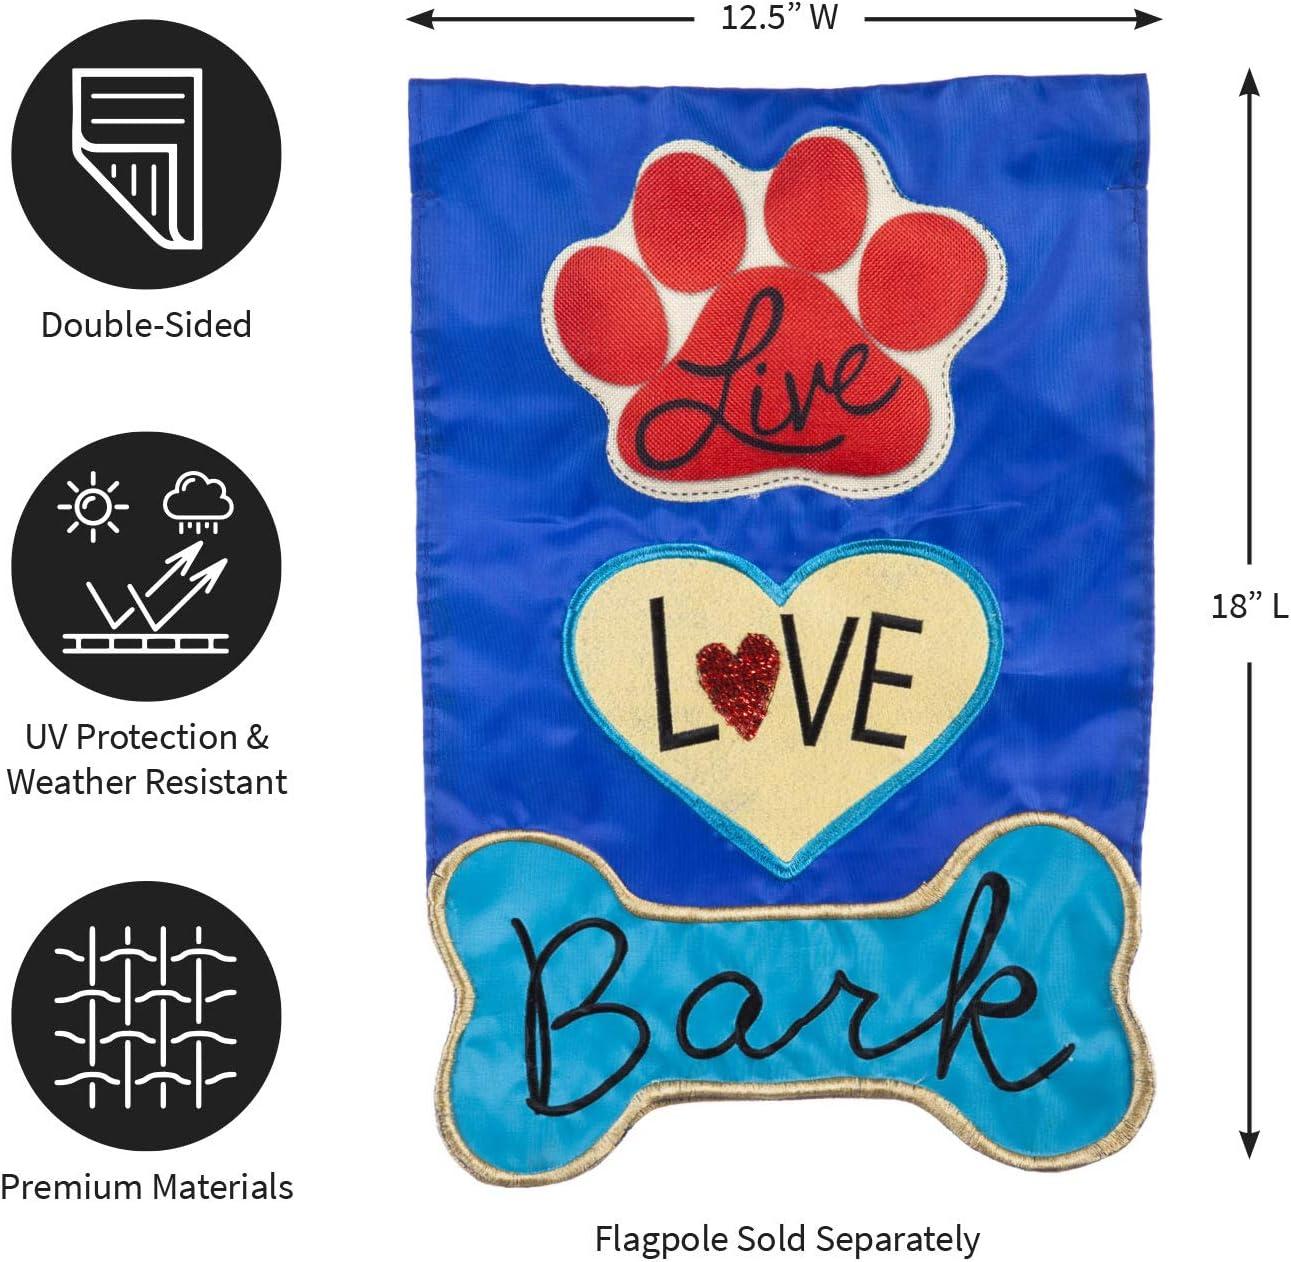 Amazon Com Evergreen Flag Live Love Bark Applique Garden Flag 12 5 X 18 Inches Outdoor Decor For Homes And Gardens Garden Outdoor